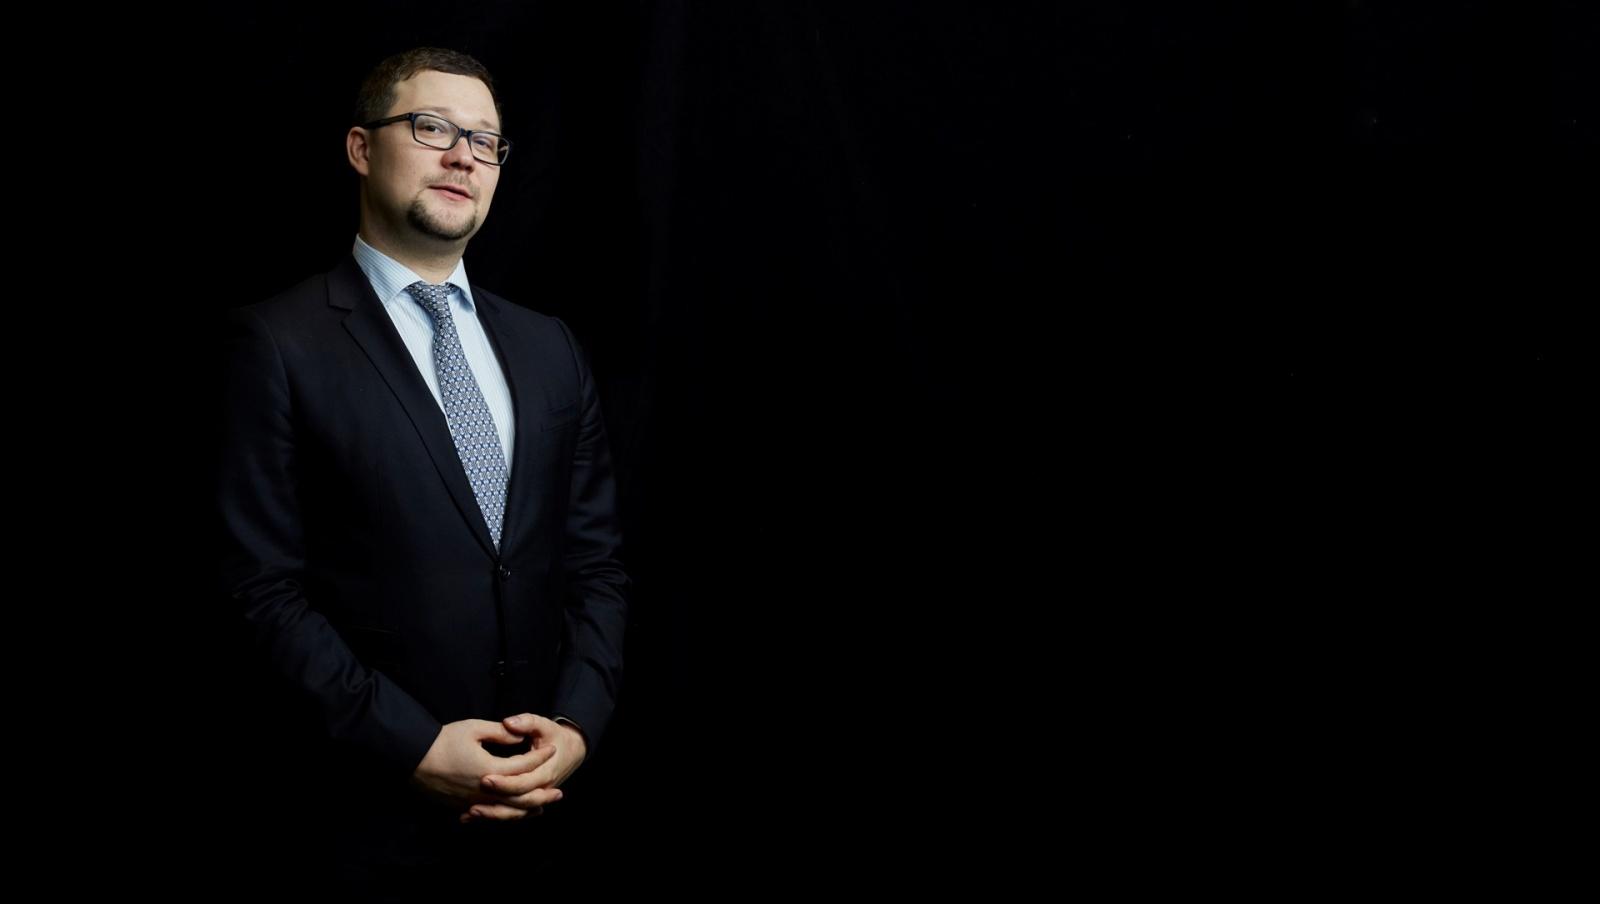 Сергей Негодяев, управляющий портфелем ФРИИ